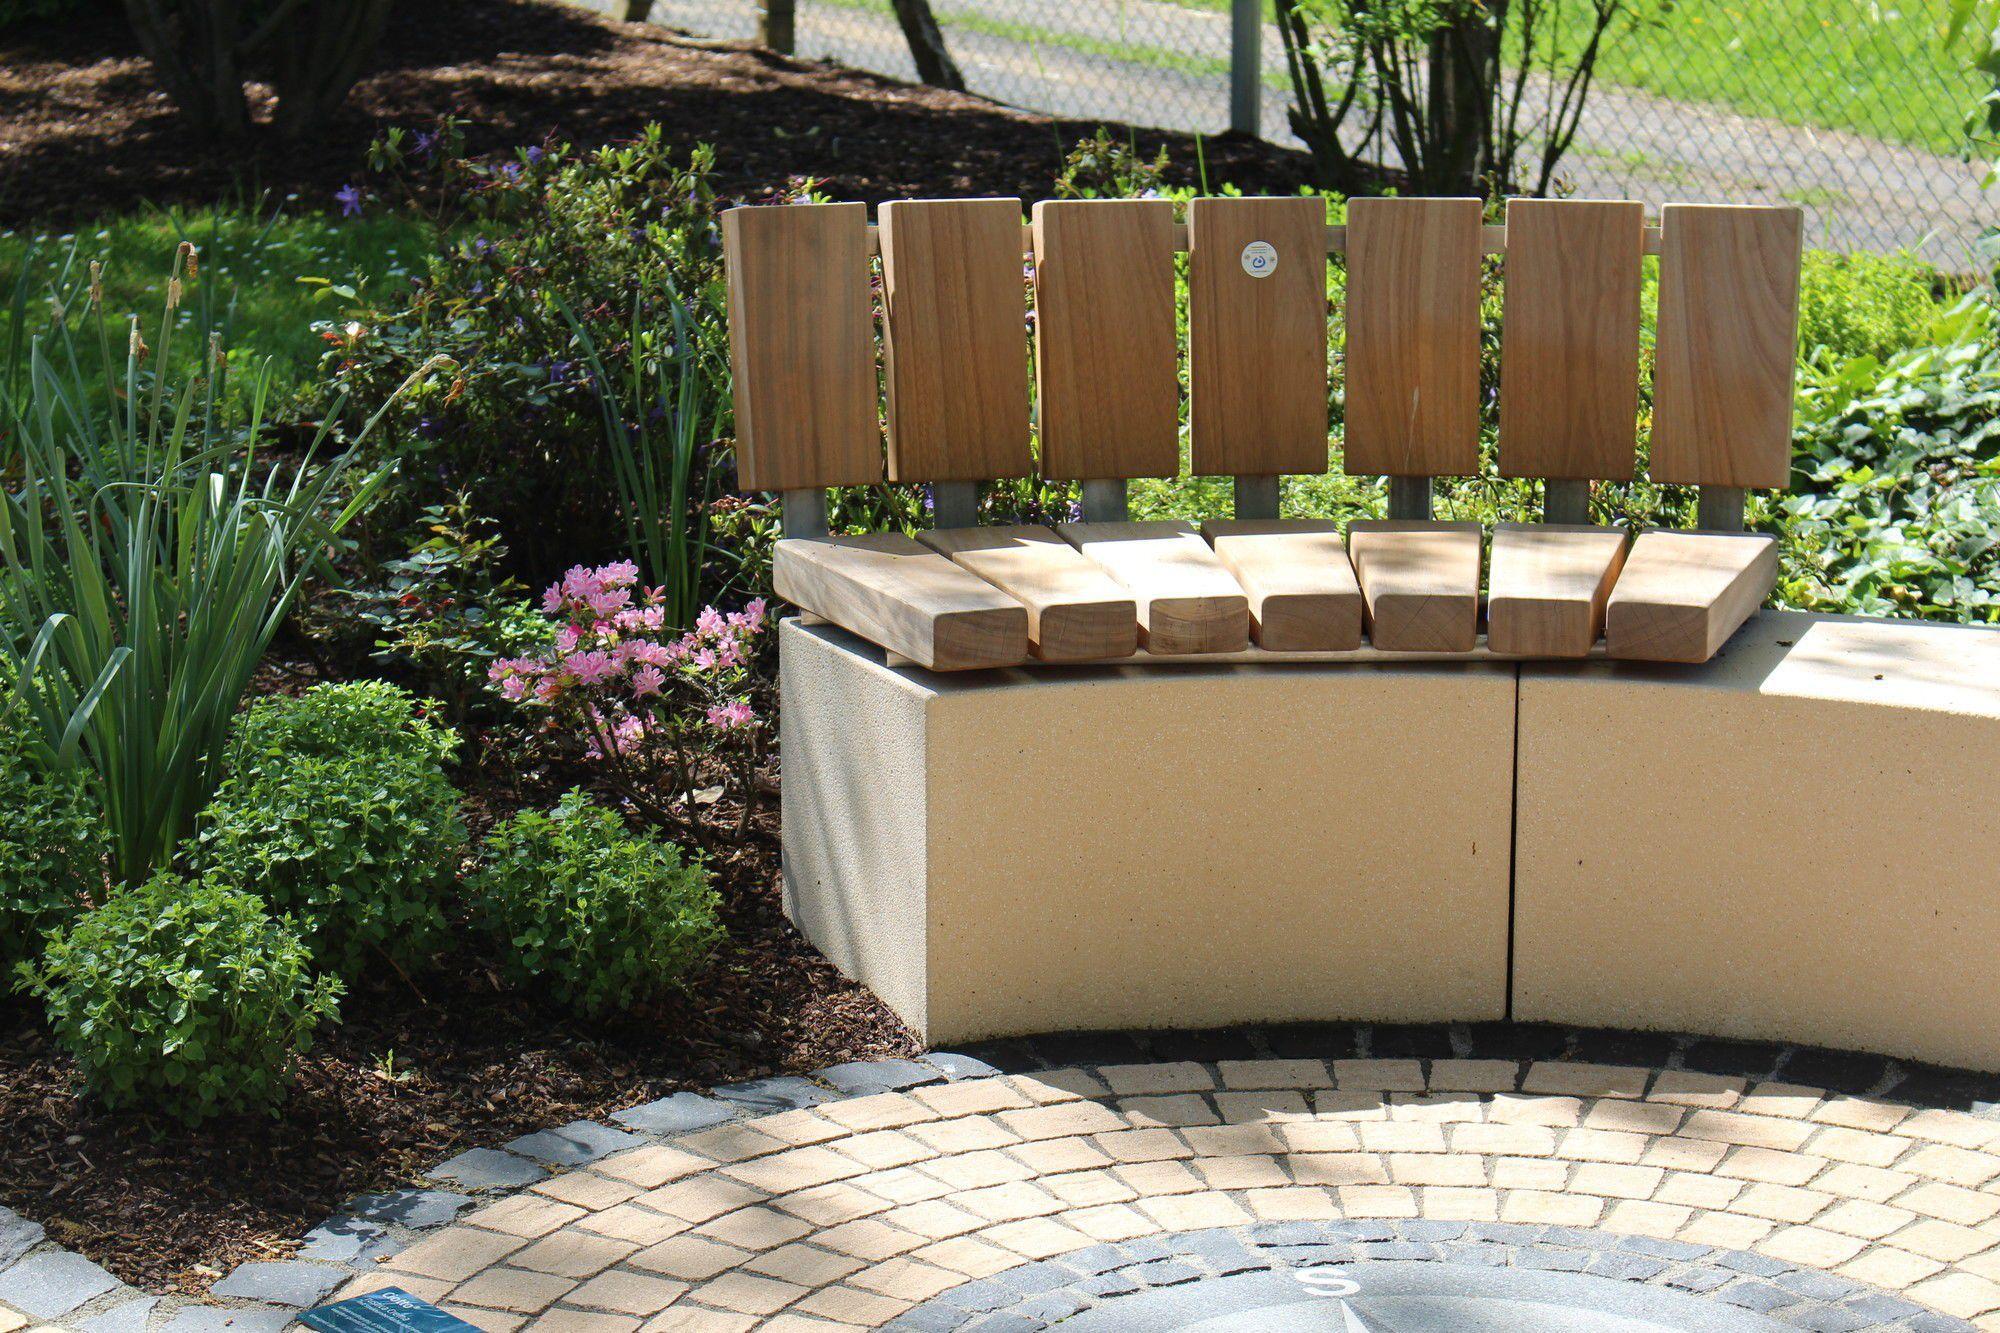 garten-bank / modern / holz / aus stein - rinnit platinum - rinn, Garten und bauen